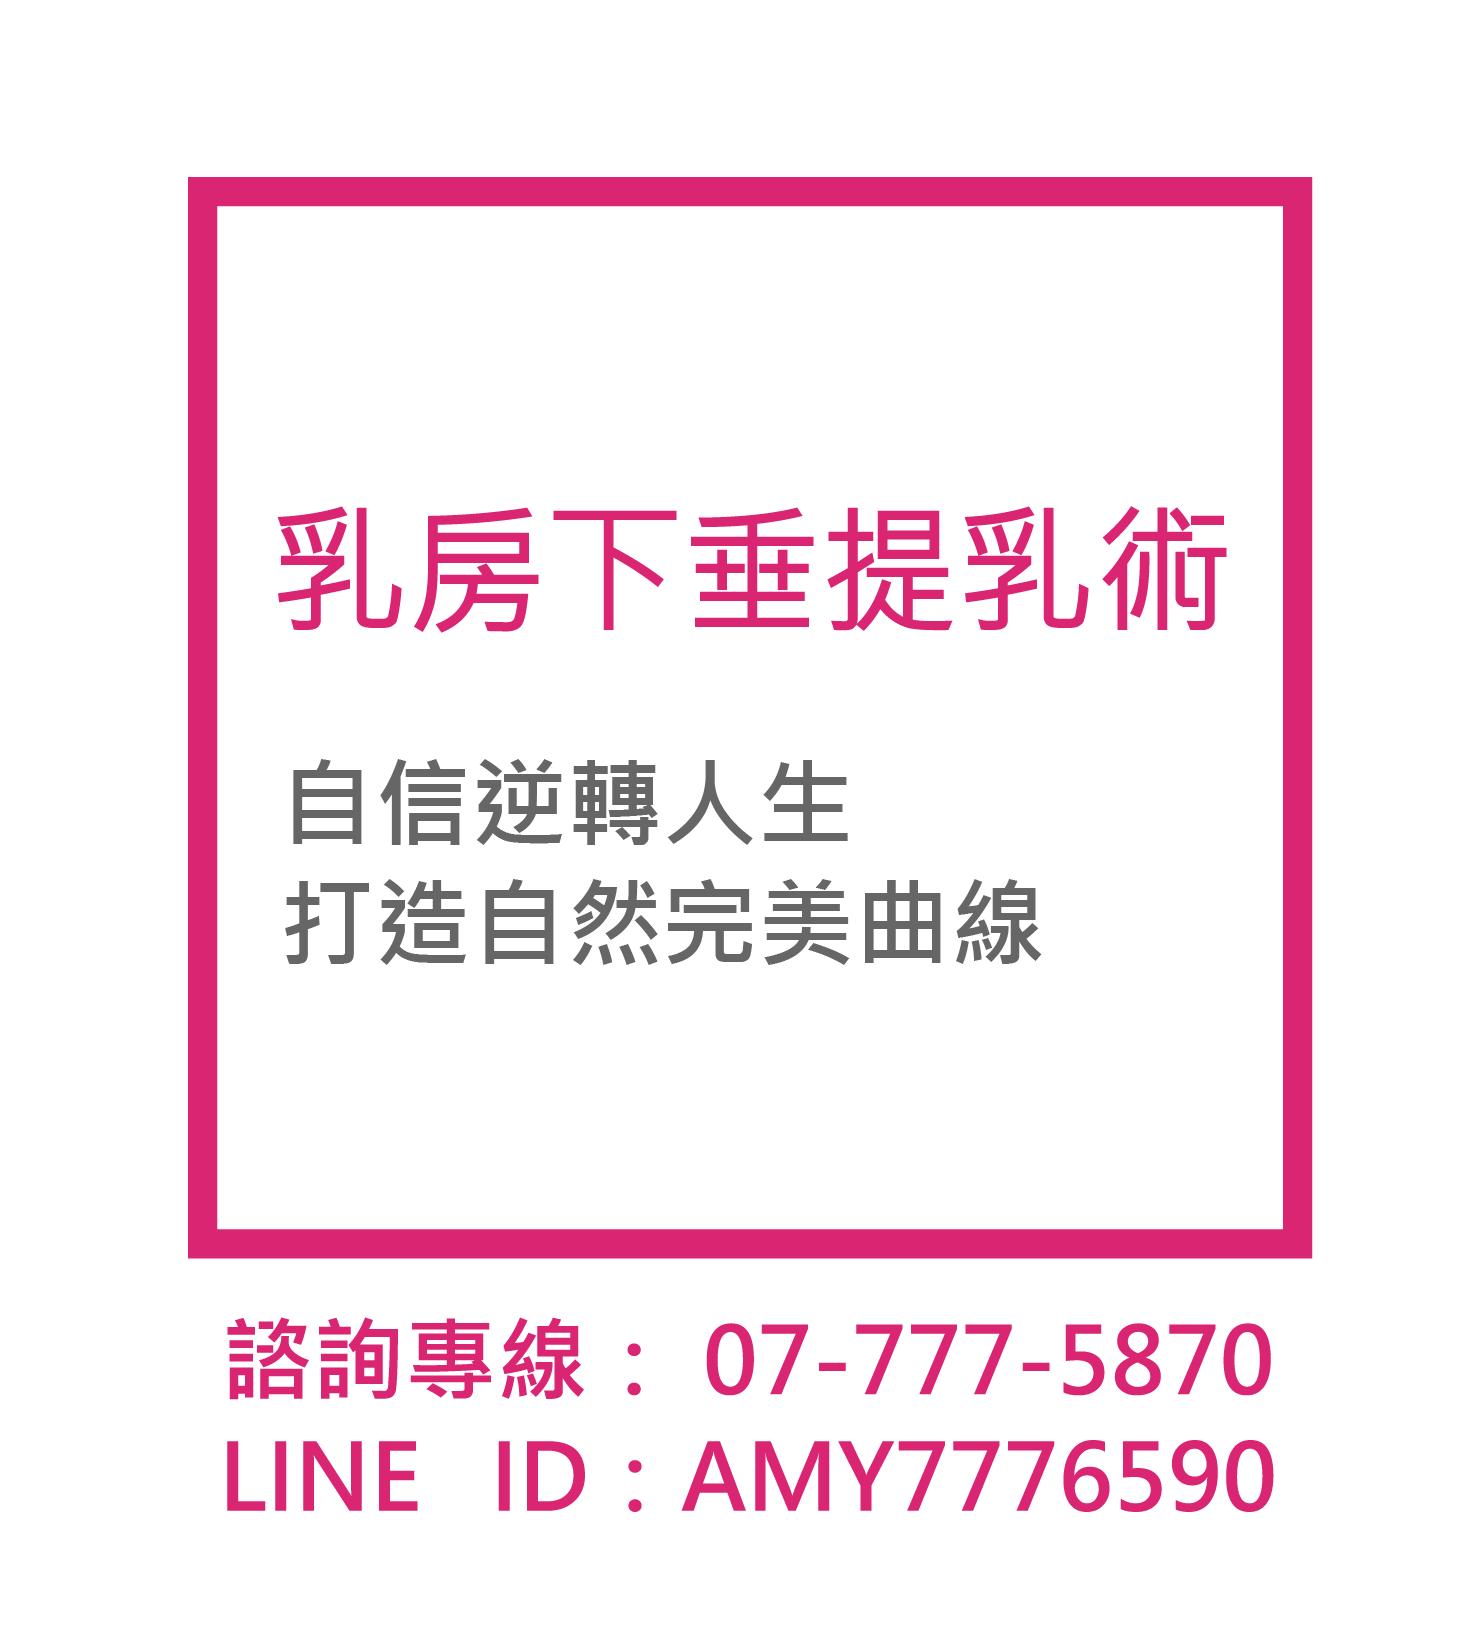 乳房下垂提乳術,羅仁傑醫師,美莉診所.png